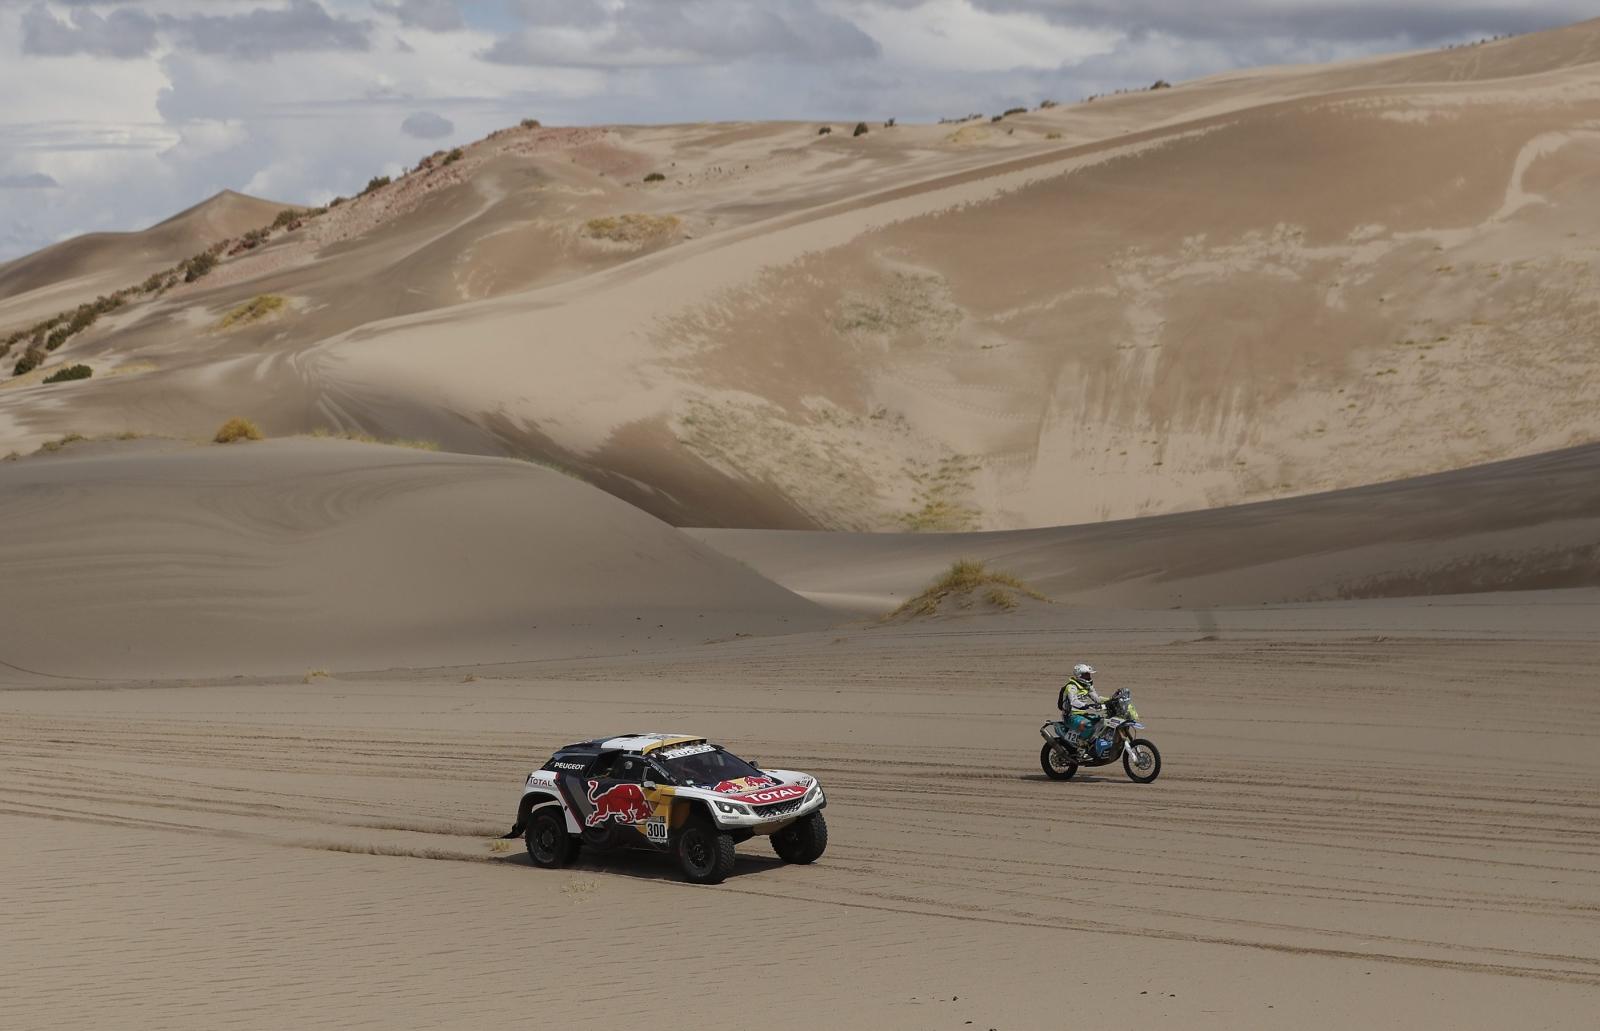 Kolejny dzień Rajdu Dakar, tym razem już w Argentynie.  EPA/DAVID FERNANDEZ